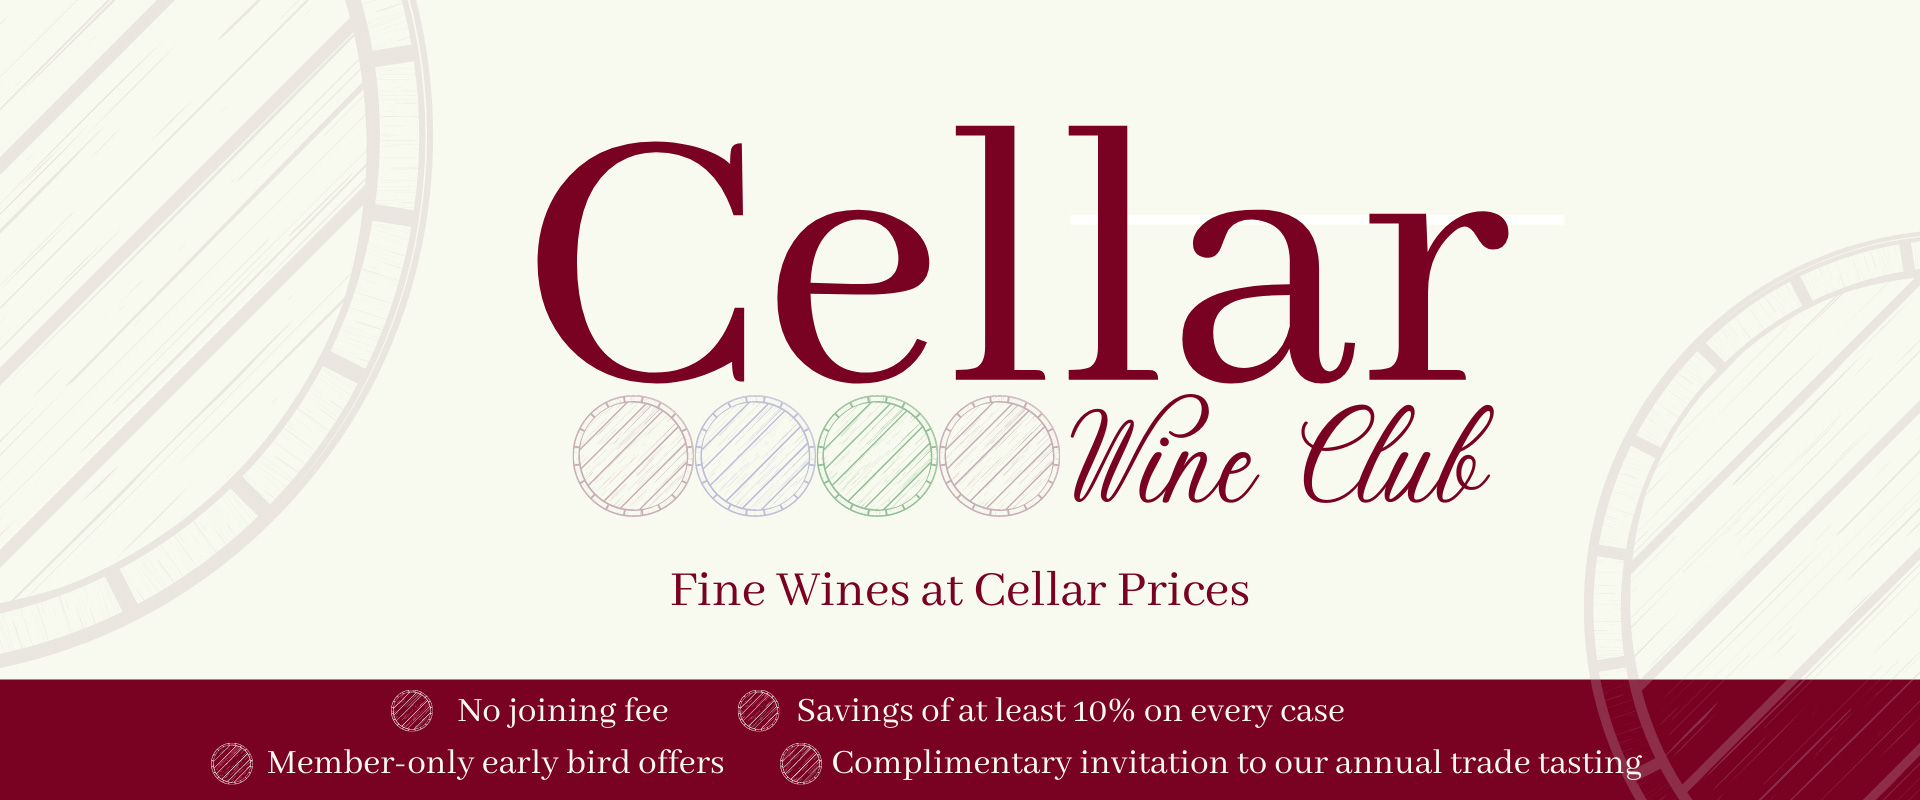 Cellar Wine Club